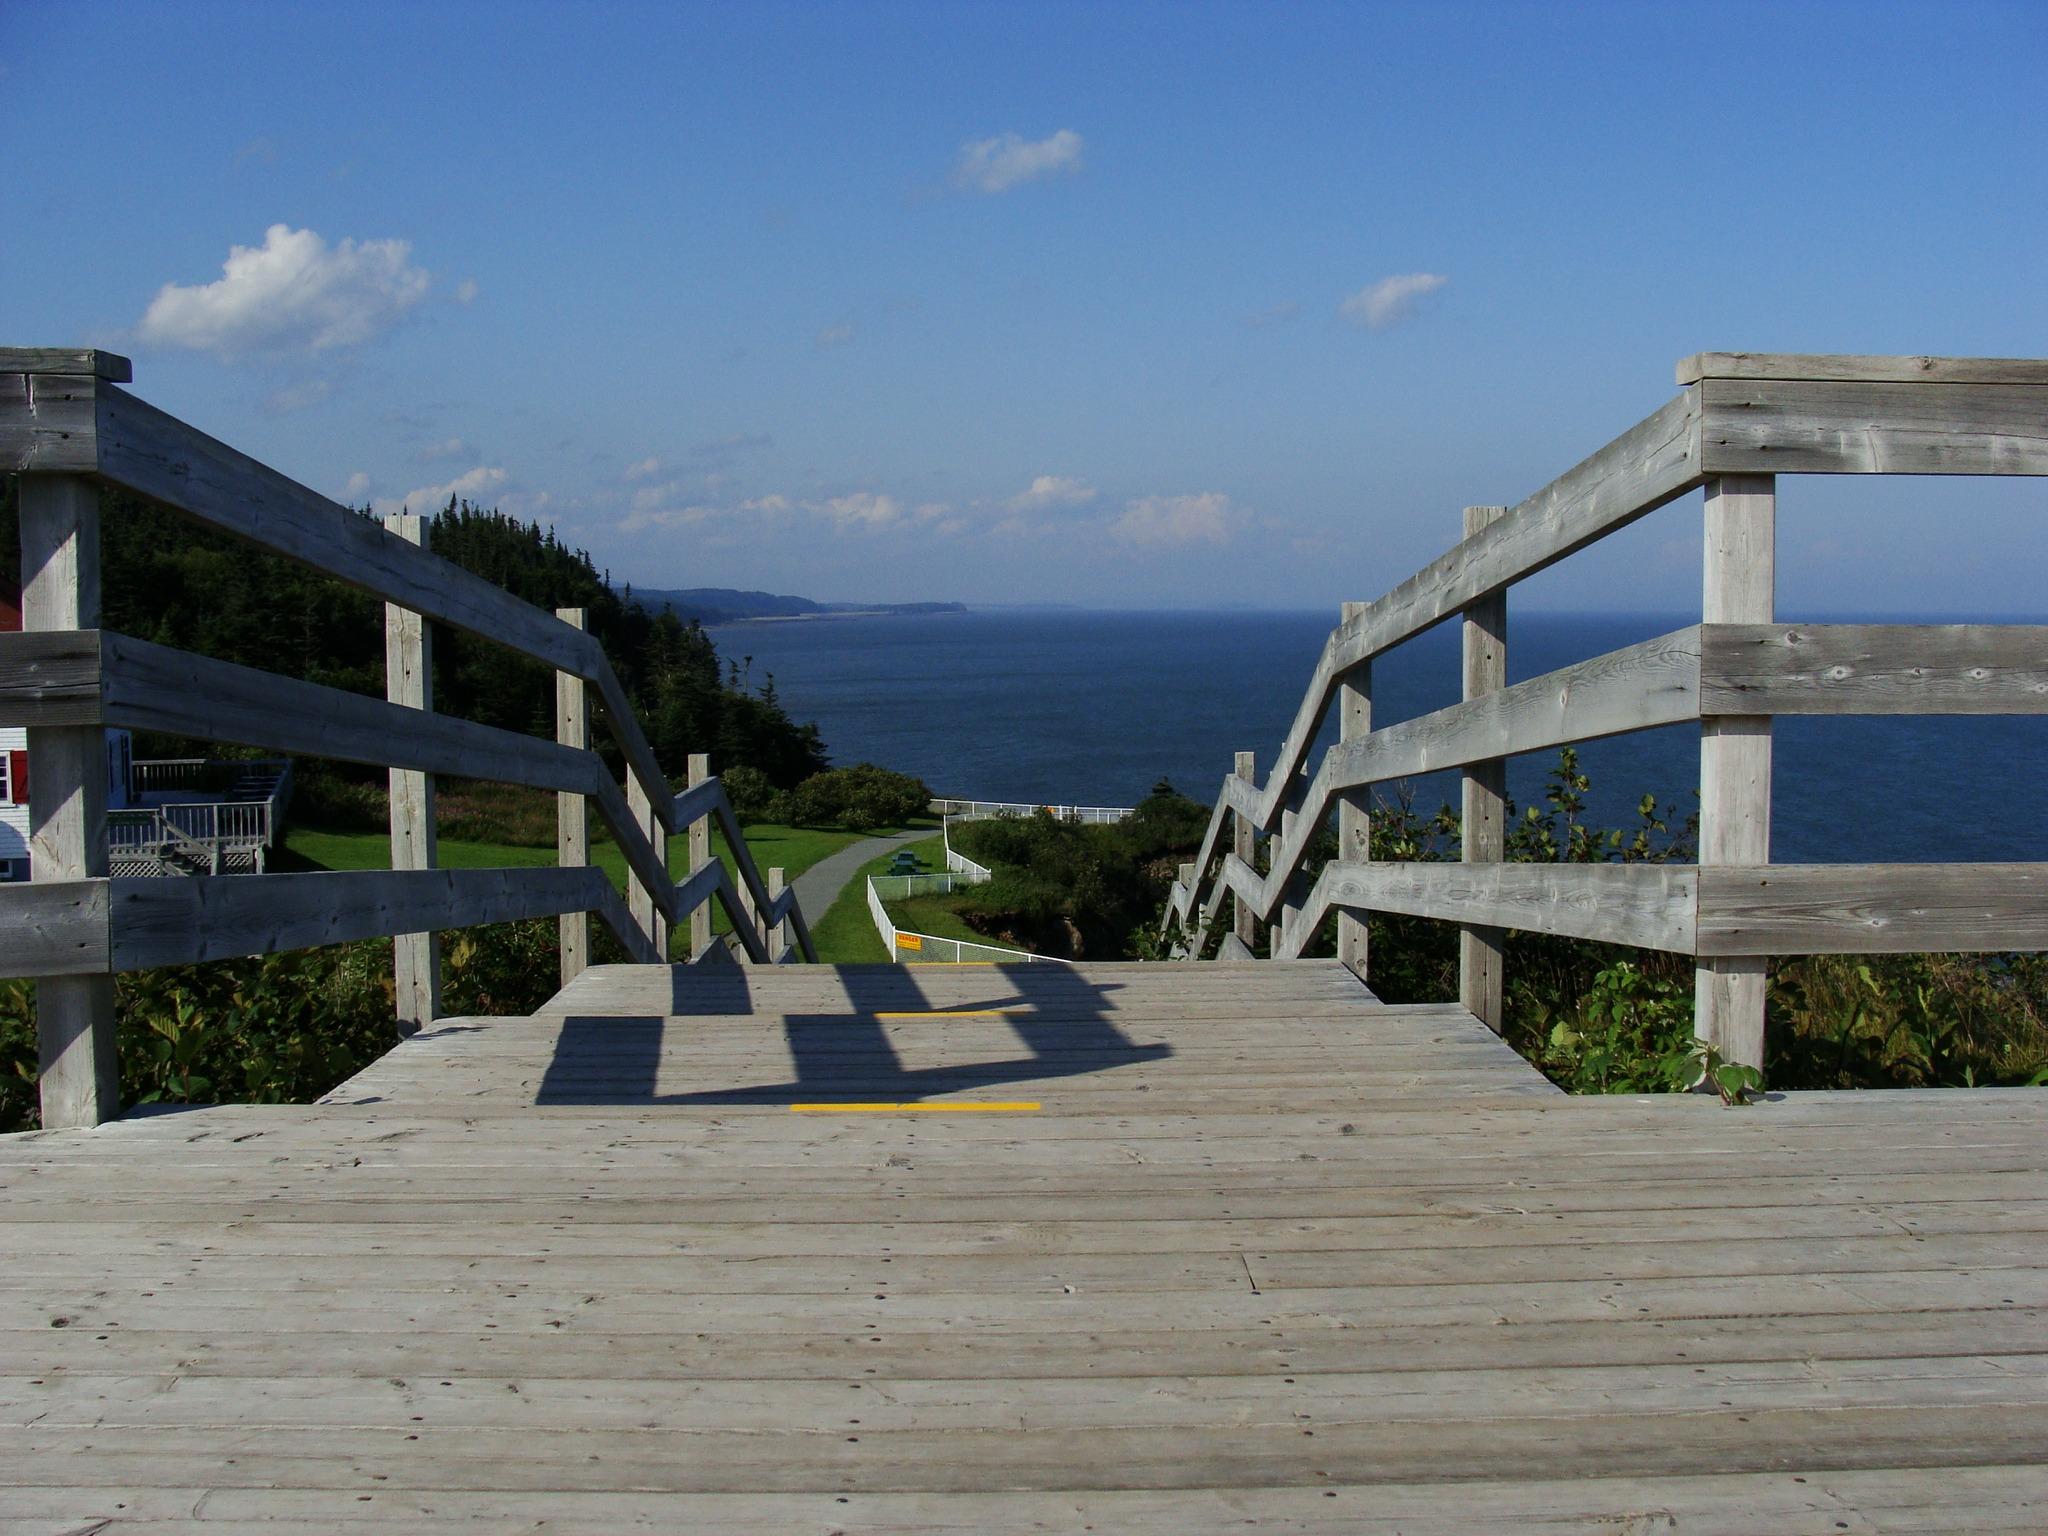 Beach Sea Coast Pathway Ocean Dock Boardwalk Pier Staircase Walkway  Vacation Marina Stairs Resort Estate East